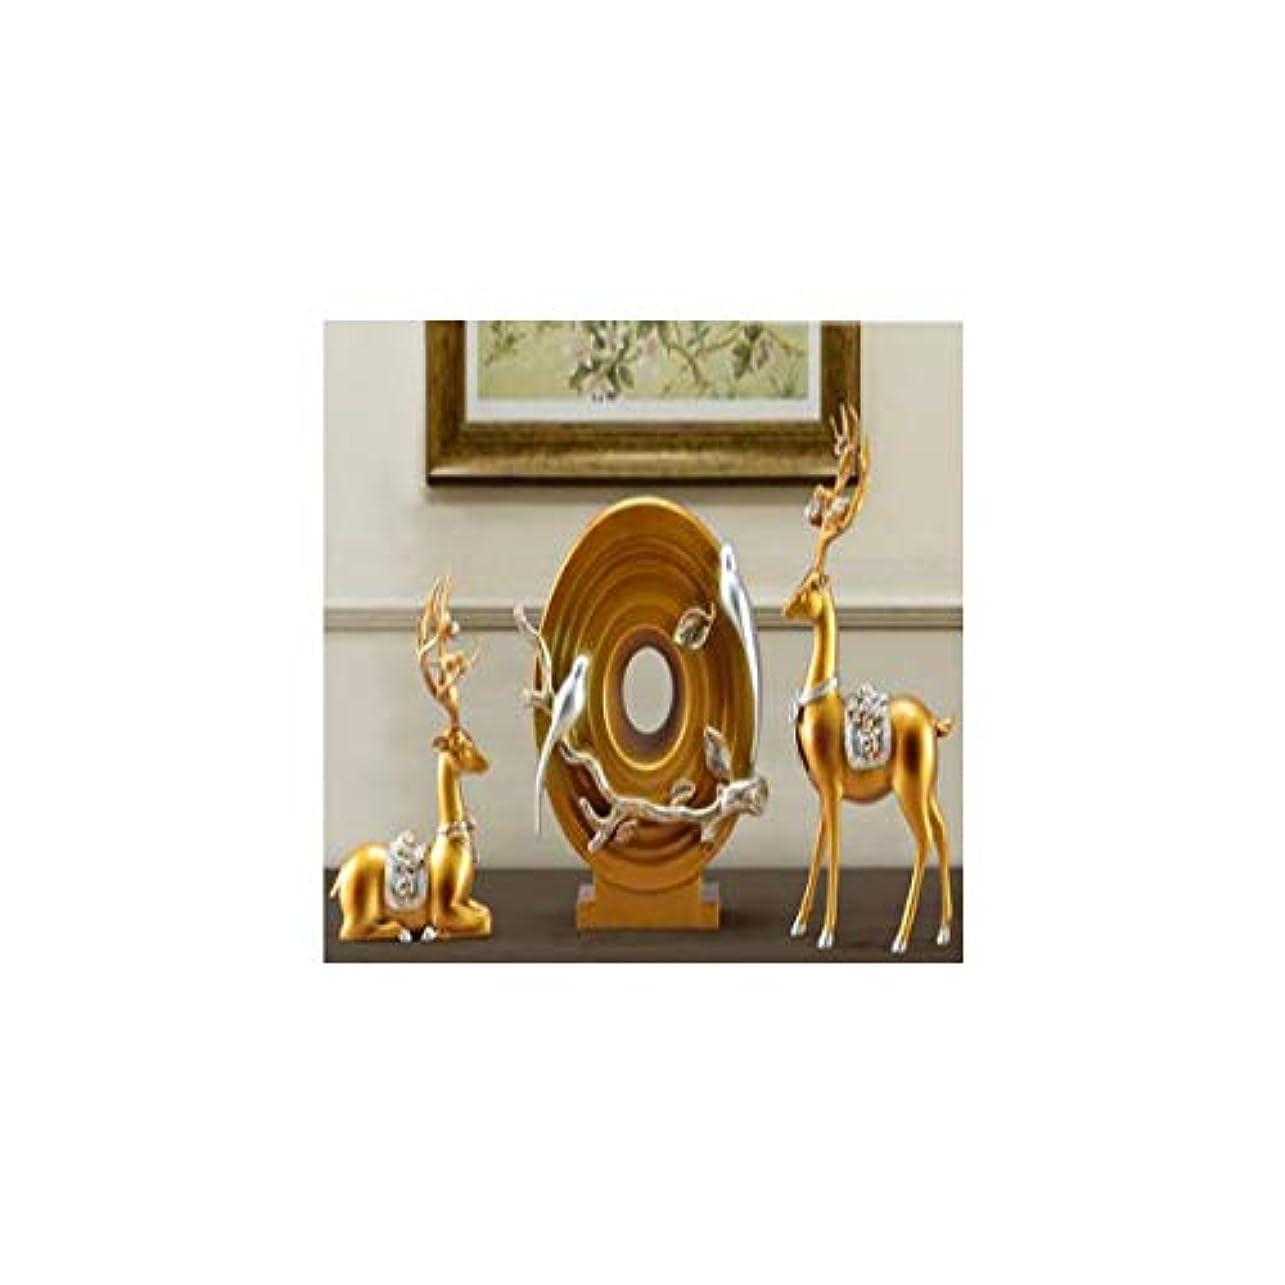 経由で鋭く独裁Gaoxingbianlidian001 クリエイティブアメリカン鹿の装飾品花瓶リビングルーム新しい家の結婚式のギフトワインキャビネットテレビキャビネットホームソフト装飾家具,楽しいホリデーギフト (Color : B)